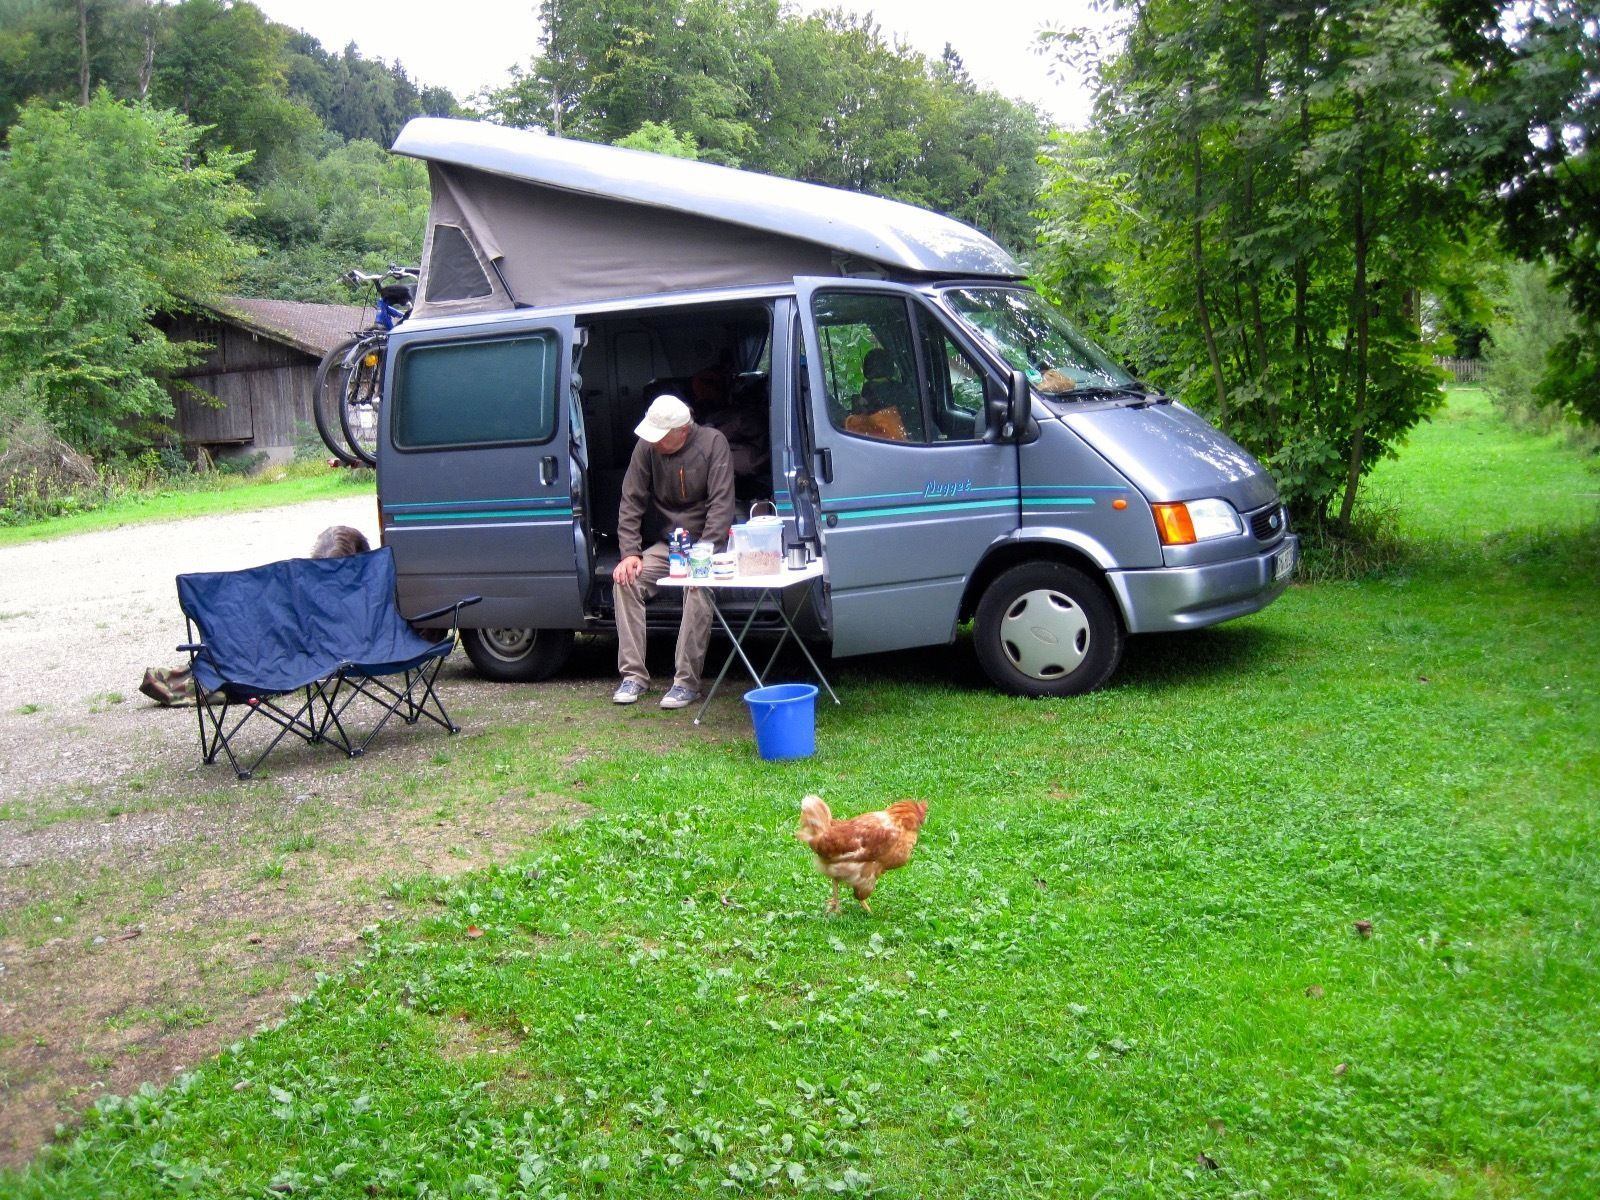 wohnmobil ford transit nugget bj 1997 ebay motorhome campers caravan pinterest. Black Bedroom Furniture Sets. Home Design Ideas